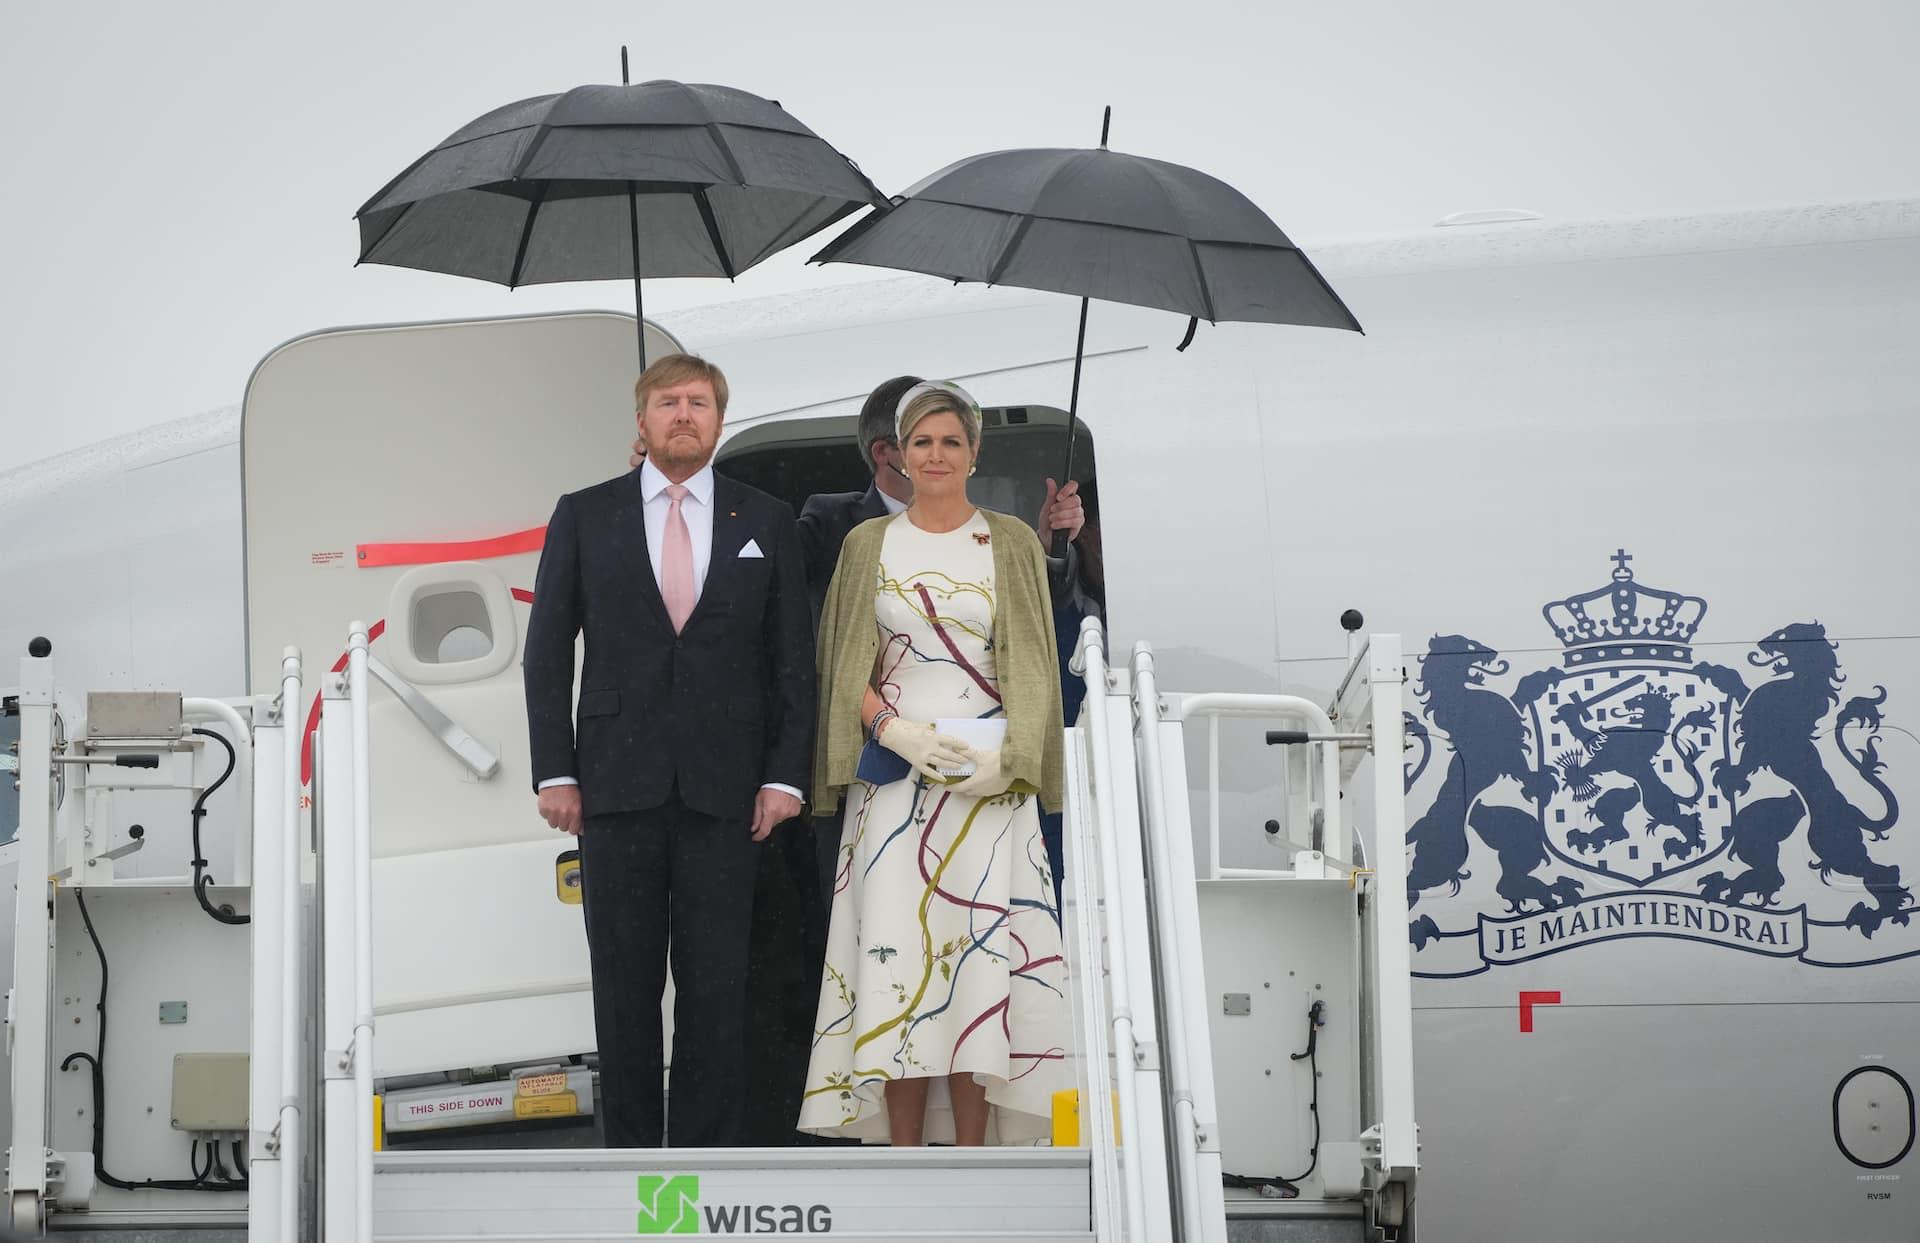 Königin Maxima und König Willem-Alexander sind am Berliner Flughafen gelandet. Das niederländische Königspaar ist für drei Tage auf Staatsbesuch in Deutschland.